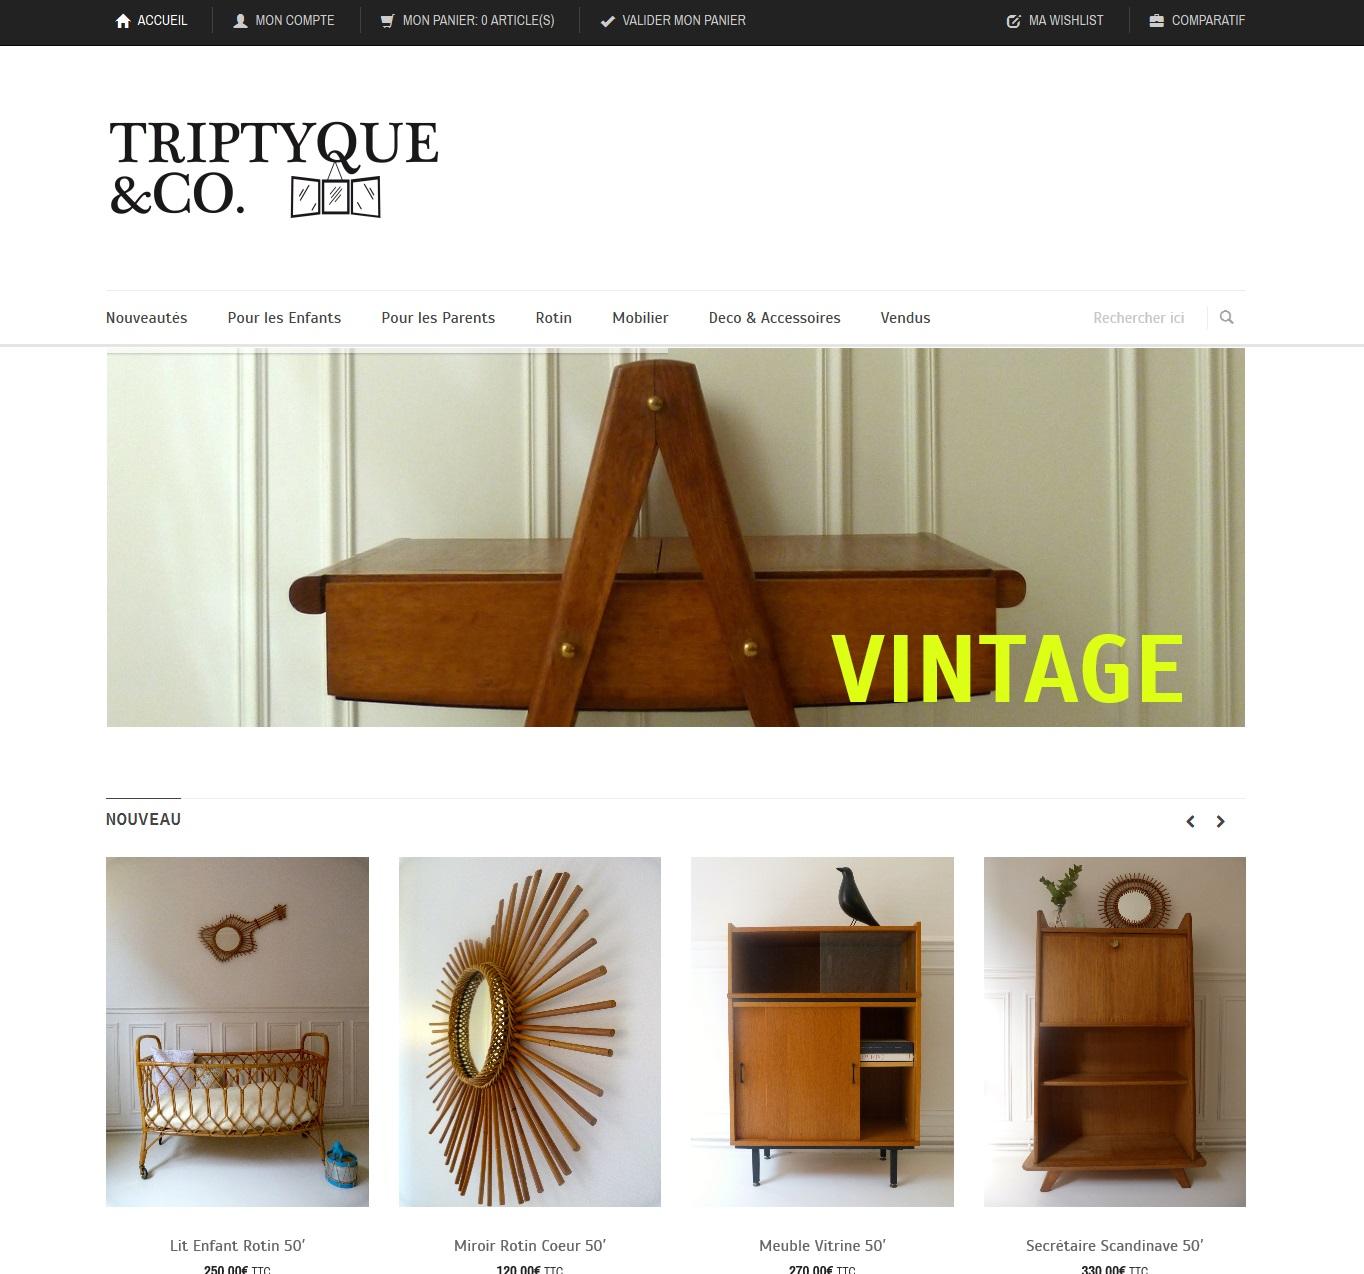 Triptyque & Co I Mobiliers et Objets vintage' - triptyqueandco_com home page 1